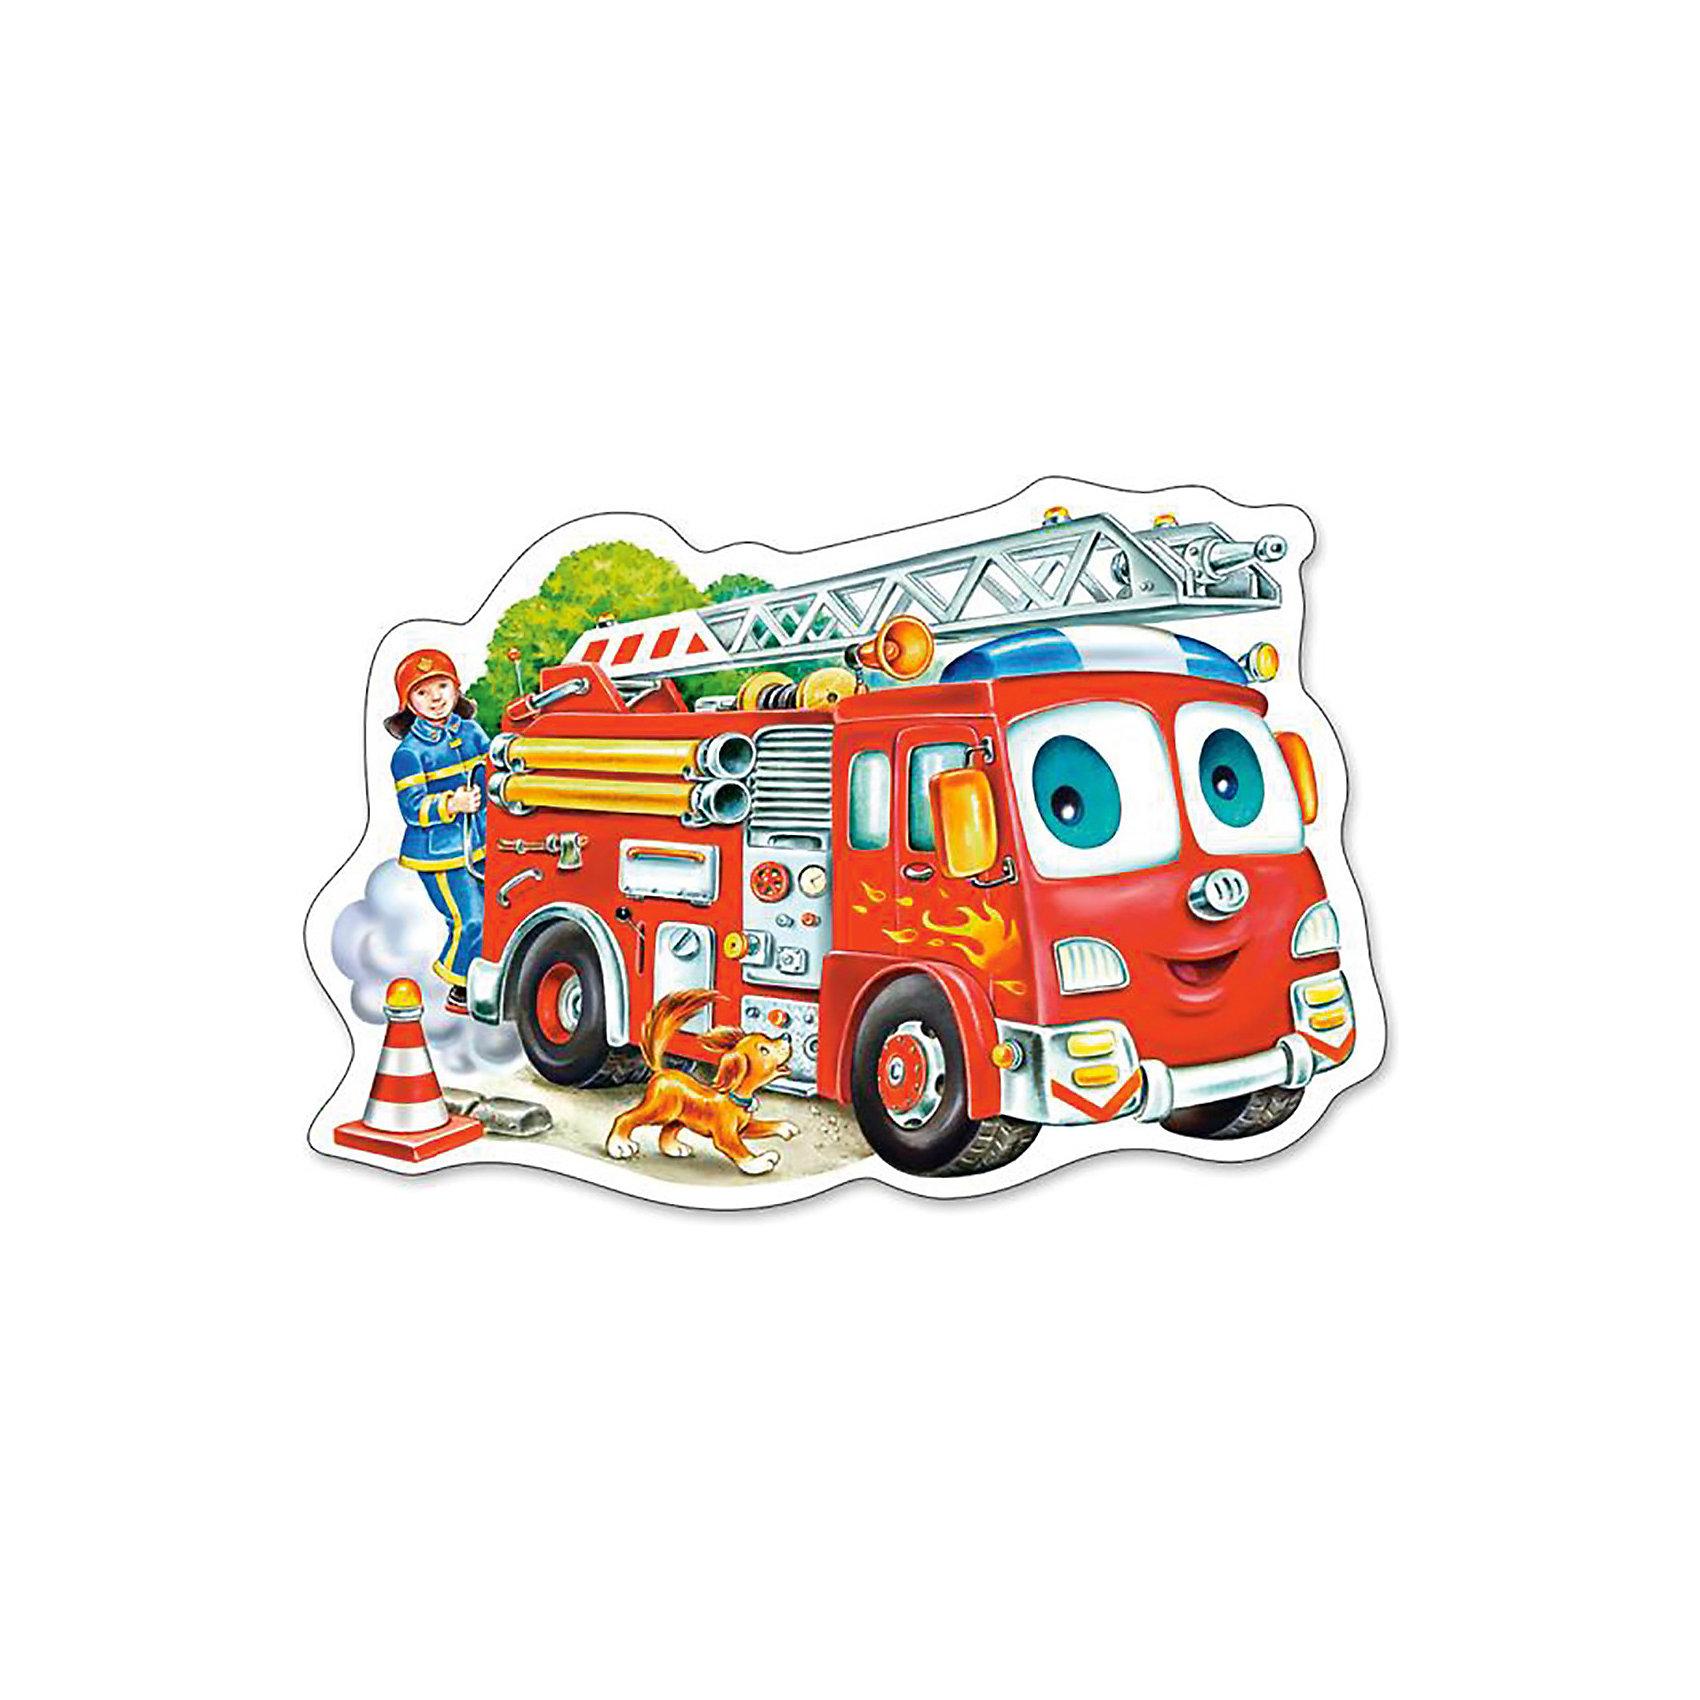 Пазл Пожарная машина, 15 деталей, CastorlandПазлы для малышей<br>Яркий  красочный пазл «Пожарная машина» без сомнений понравится самым юным автолюбителям. Элементы пазла состоят из качественного и плотного картона, а точная нарезка обеспечивает отличную состыковку деталей, благодаря чему собирать пазл одно удовольствие. Уникальная форма деталей развивает мелкую моторику. Процесс сборки  пазла тренирует память и координацию движений, развивает  логическое мышление,  воображение. <br><br>Дополнительная информация:<br>  <br>- Идеален для самых маленьких;<br>- Уникальное качество деталей;<br>- Развивает: воображение, логику, мелкую моторику, память;<br>- Размеры: 13,4 x 17,7 x 3,5 см;<br>- Размер собранной картинки: 22,8 х 15,5 см;<br>- Вес: 78 г<br><br>Пазл «Пожарная машина», 15 деталей, Castorland (Касторленд)  можно купить в нашем интернет-магазине.<br><br>Ширина мм: 175<br>Глубина мм: 37<br>Высота мм: 130<br>Вес г: 100<br>Возраст от месяцев: 396<br>Возраст до месяцев: 60<br>Пол: Унисекс<br>Возраст: Детский<br>Количество деталей: 15<br>SKU: 3849119